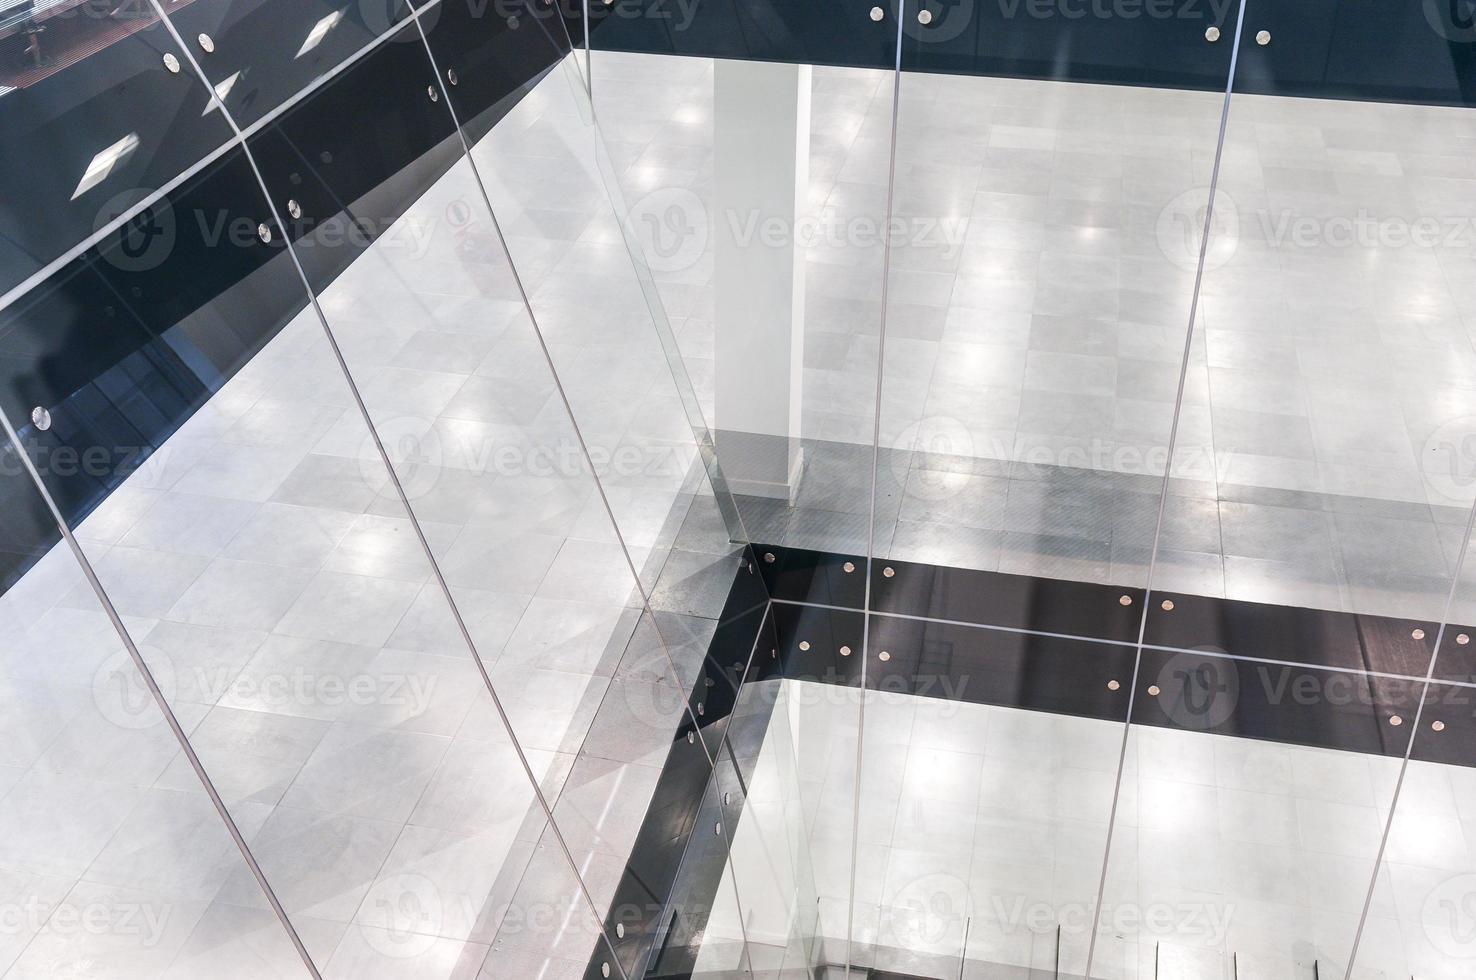 Office floor photo